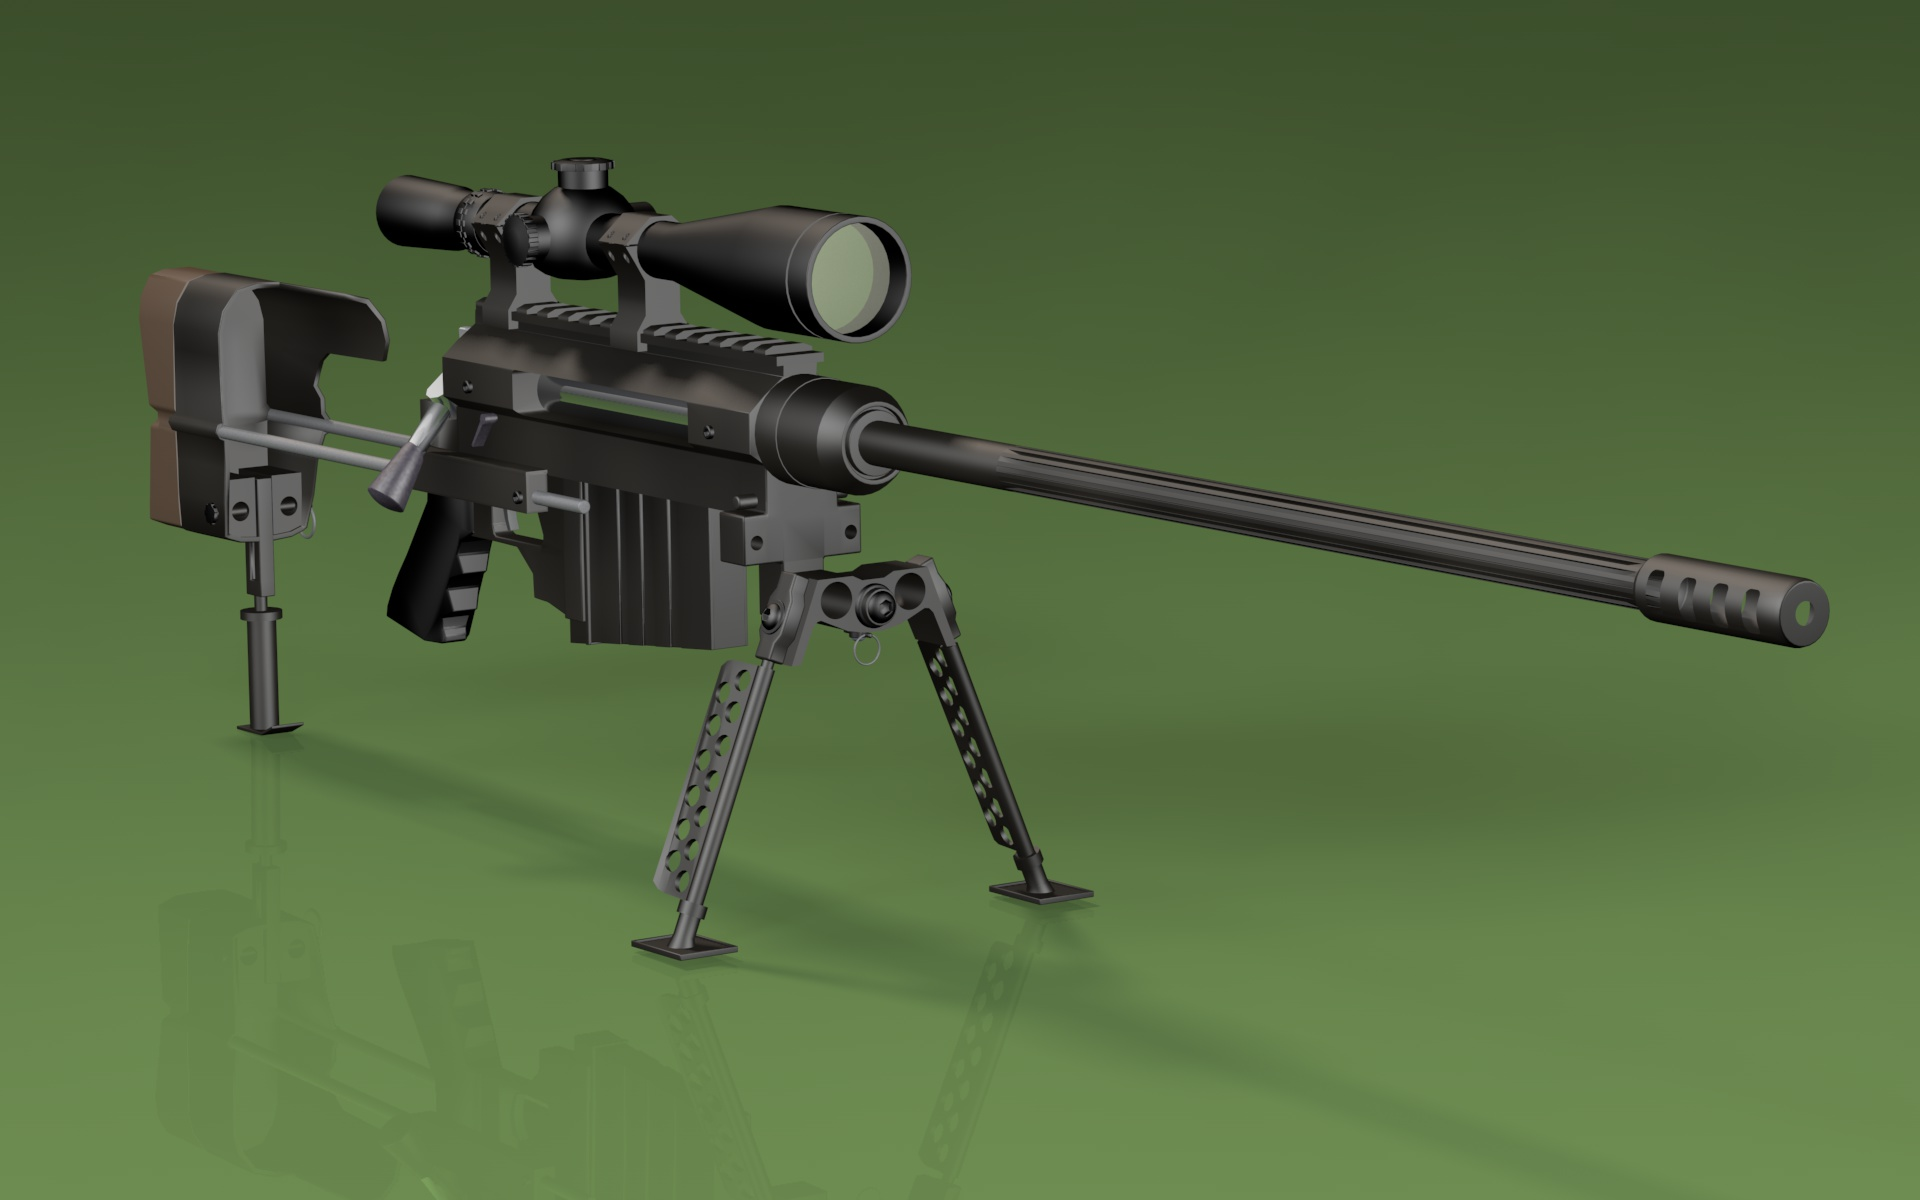 Windrunner M96 Sniper Rifle